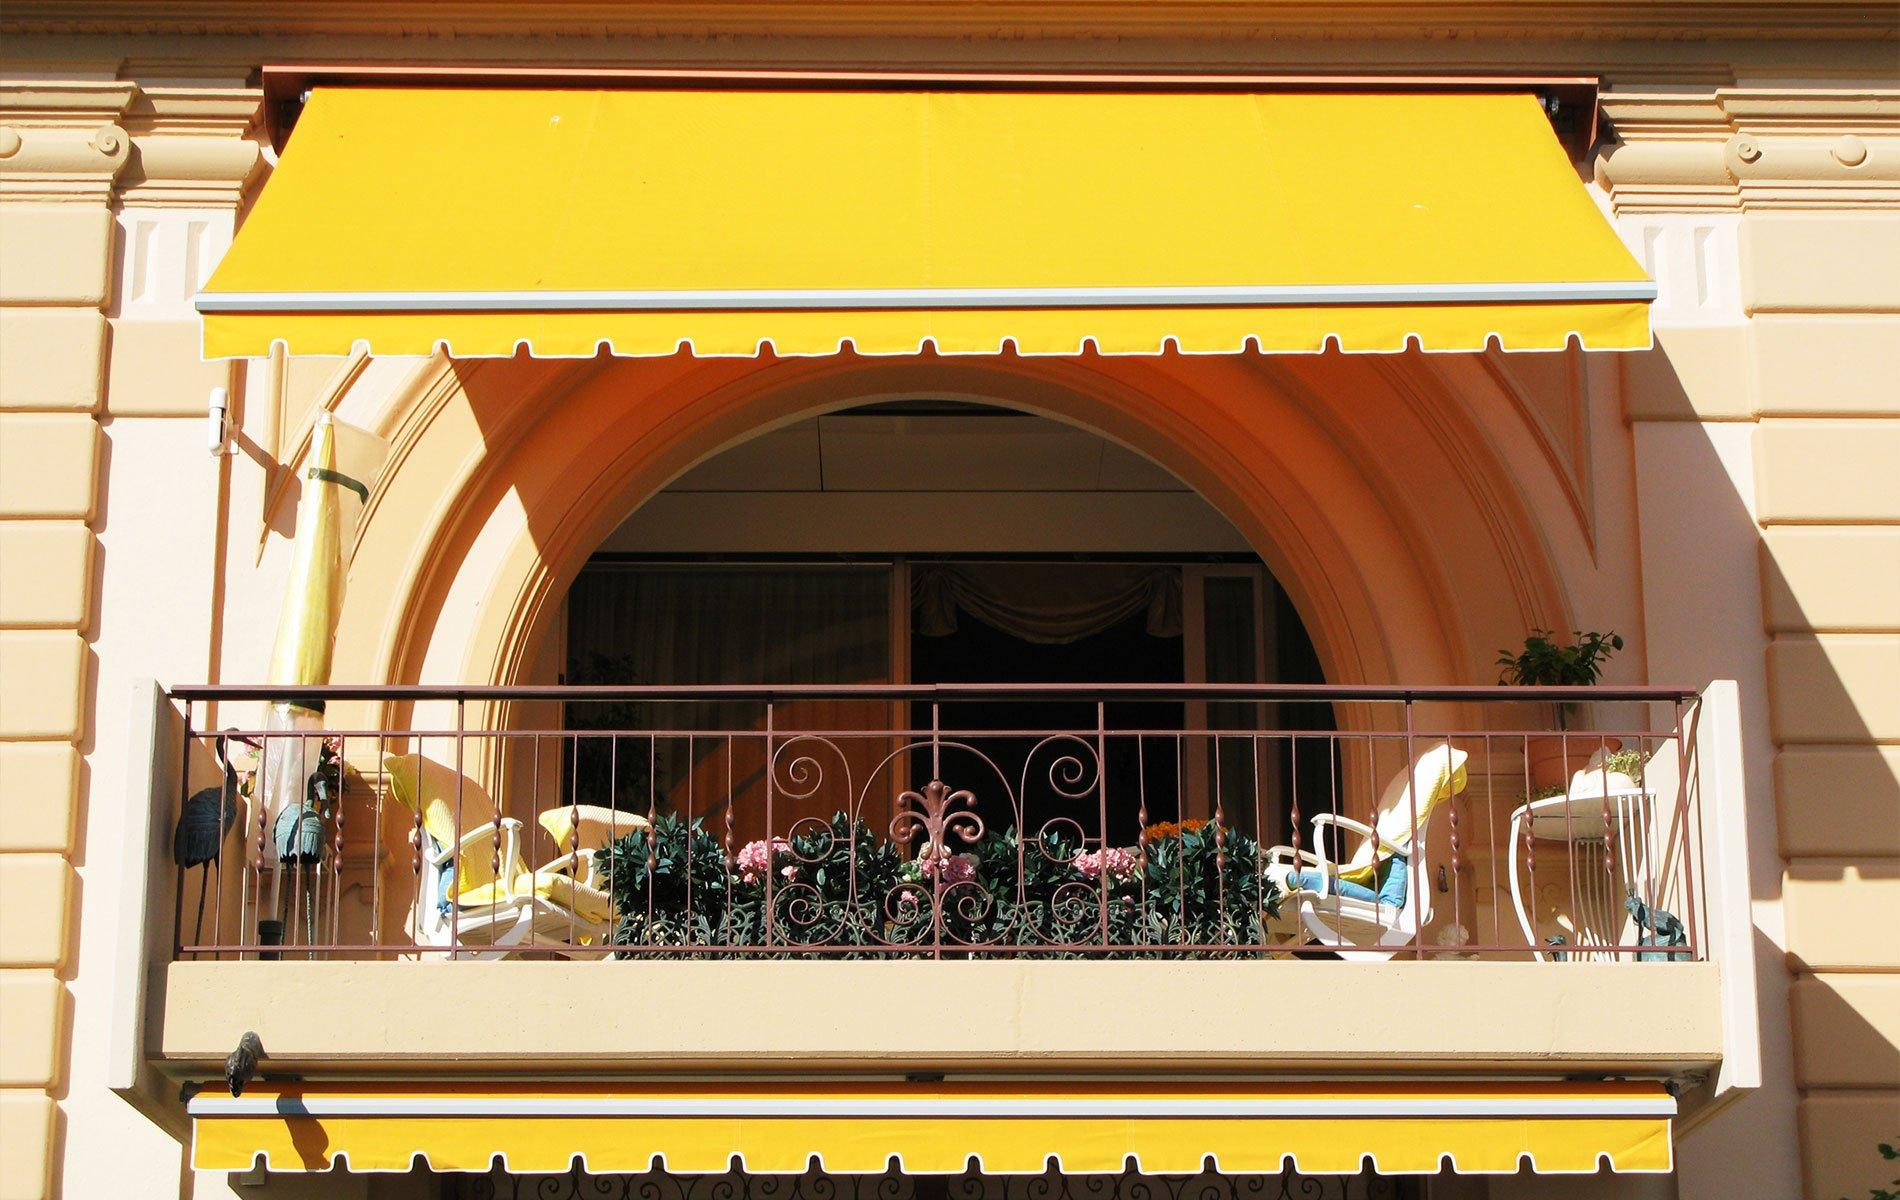 un balcone con due poltrone e una tenda da sole di color giallo